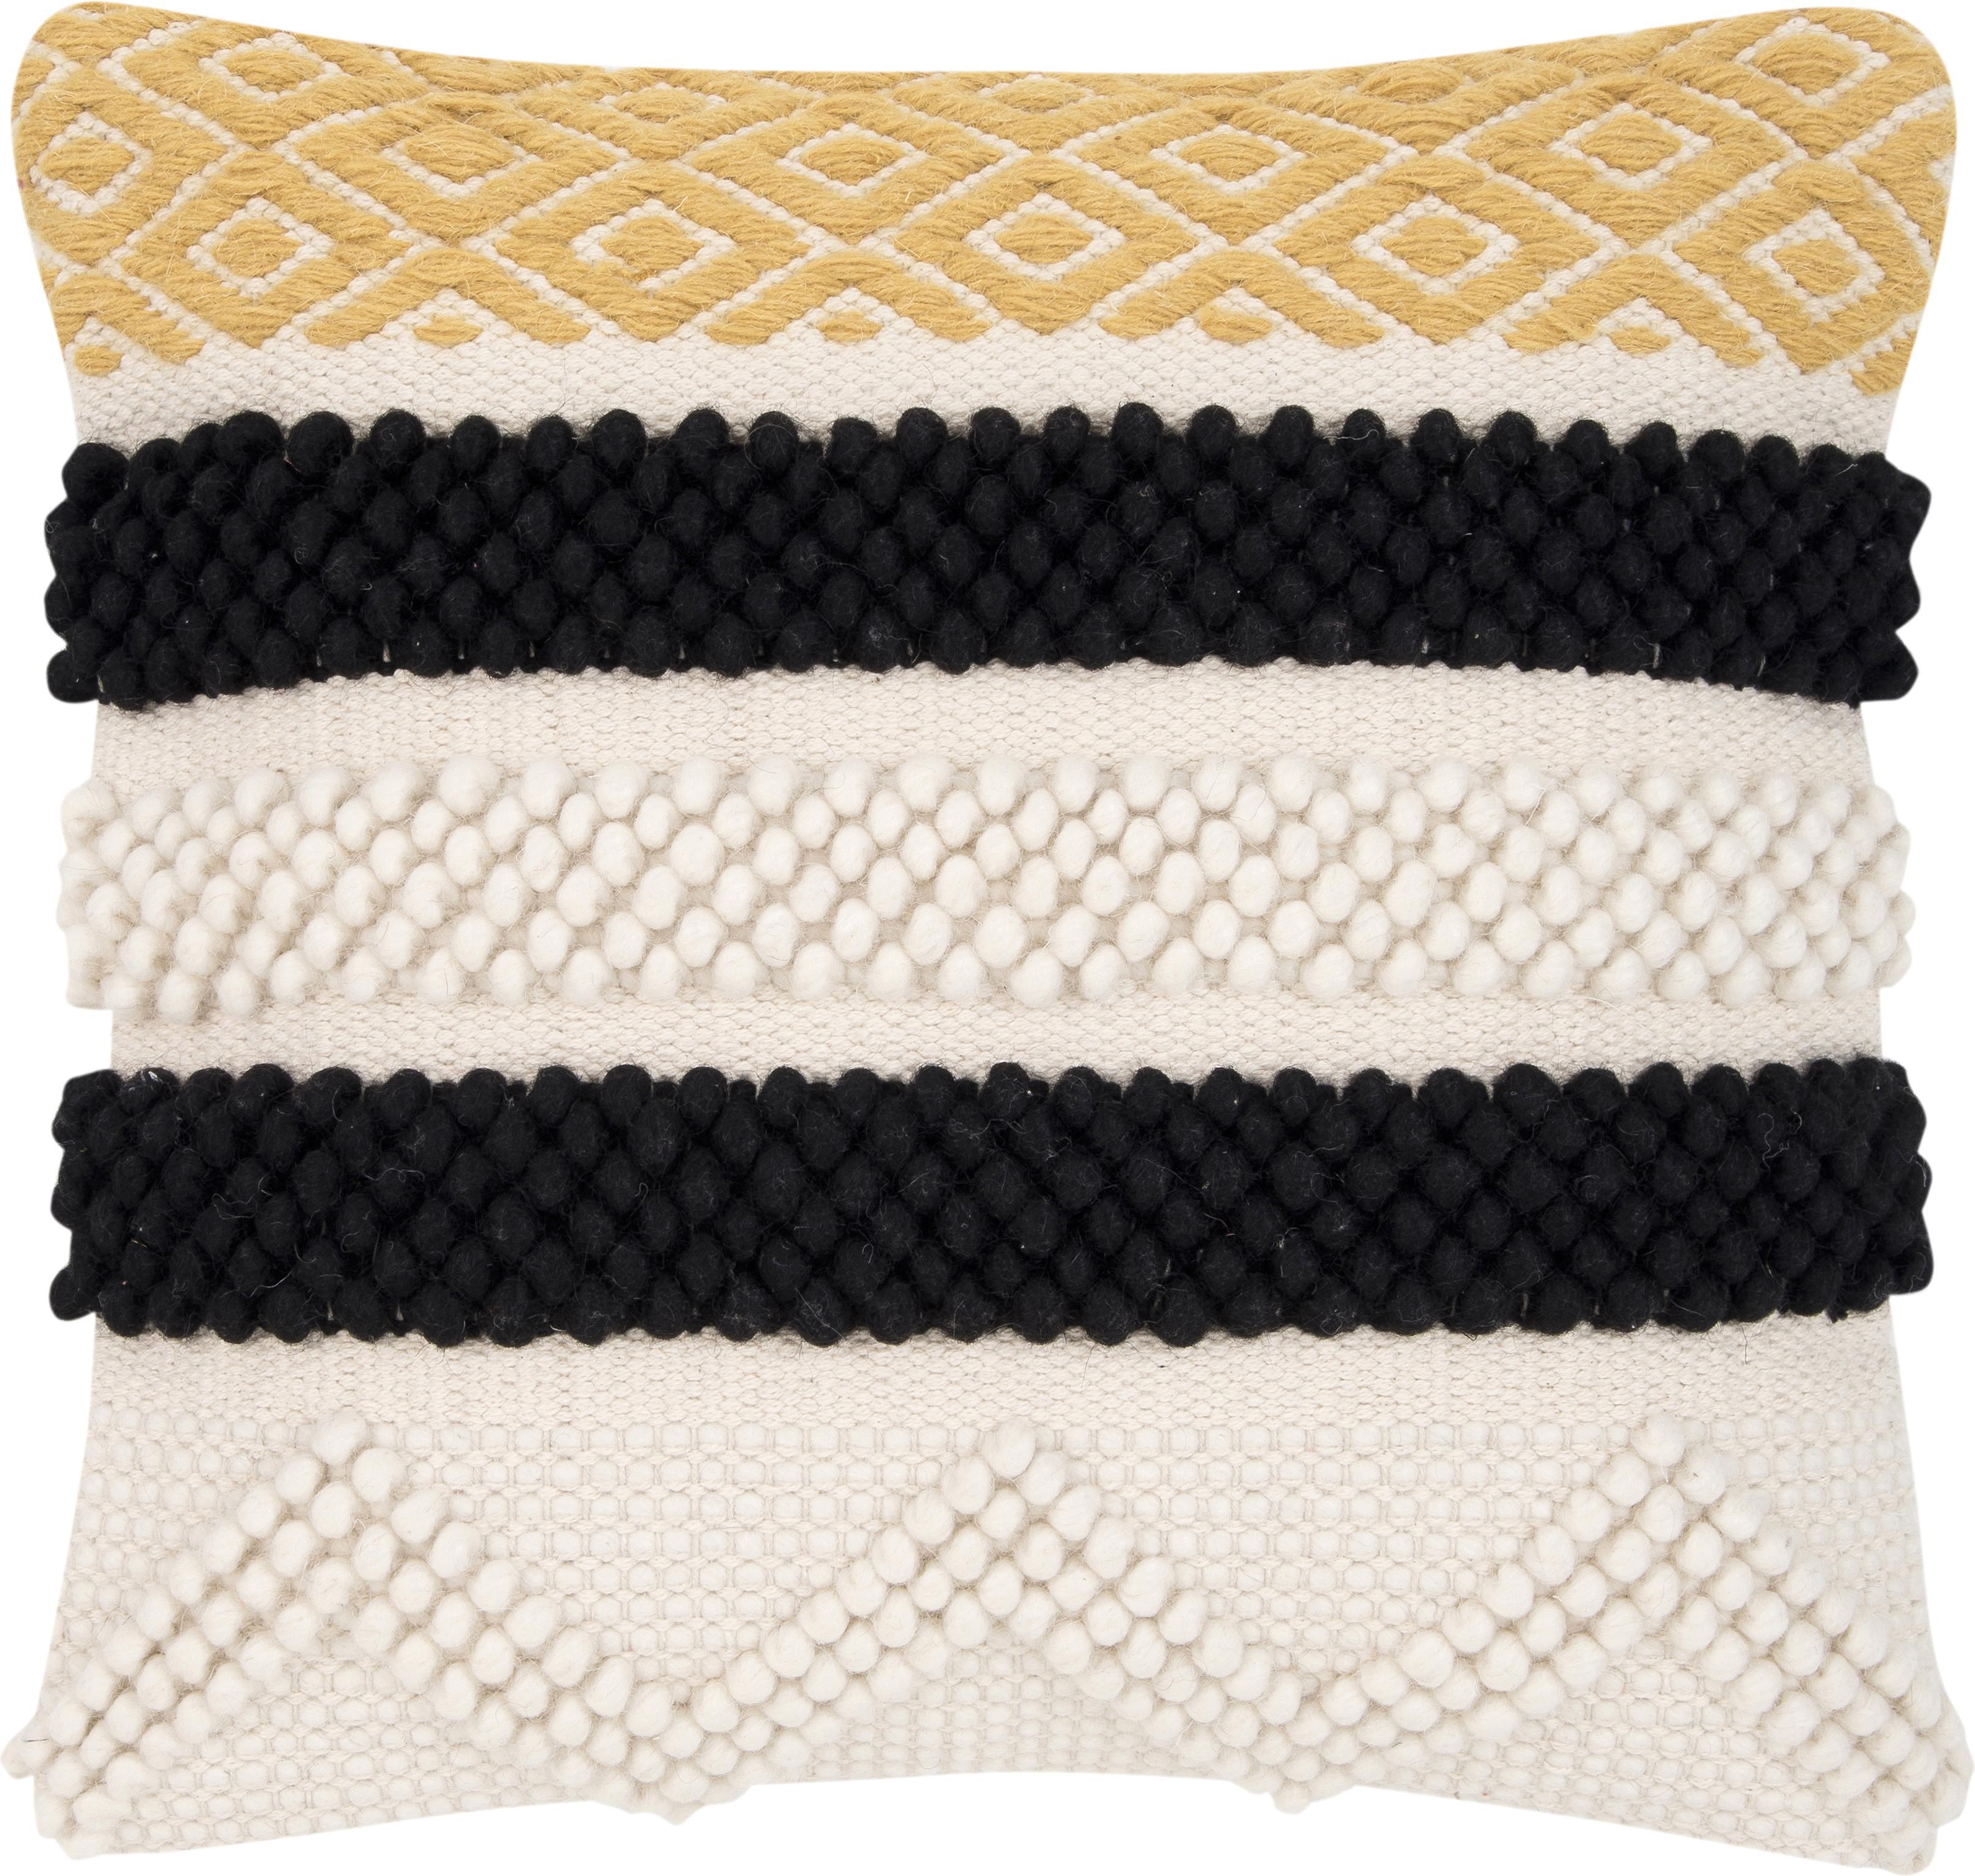 Poszewka na poduszkę Takala, 80% bawełna, 20% poliester, Ecru, czarny, żółty, S 45 x D 45 cm